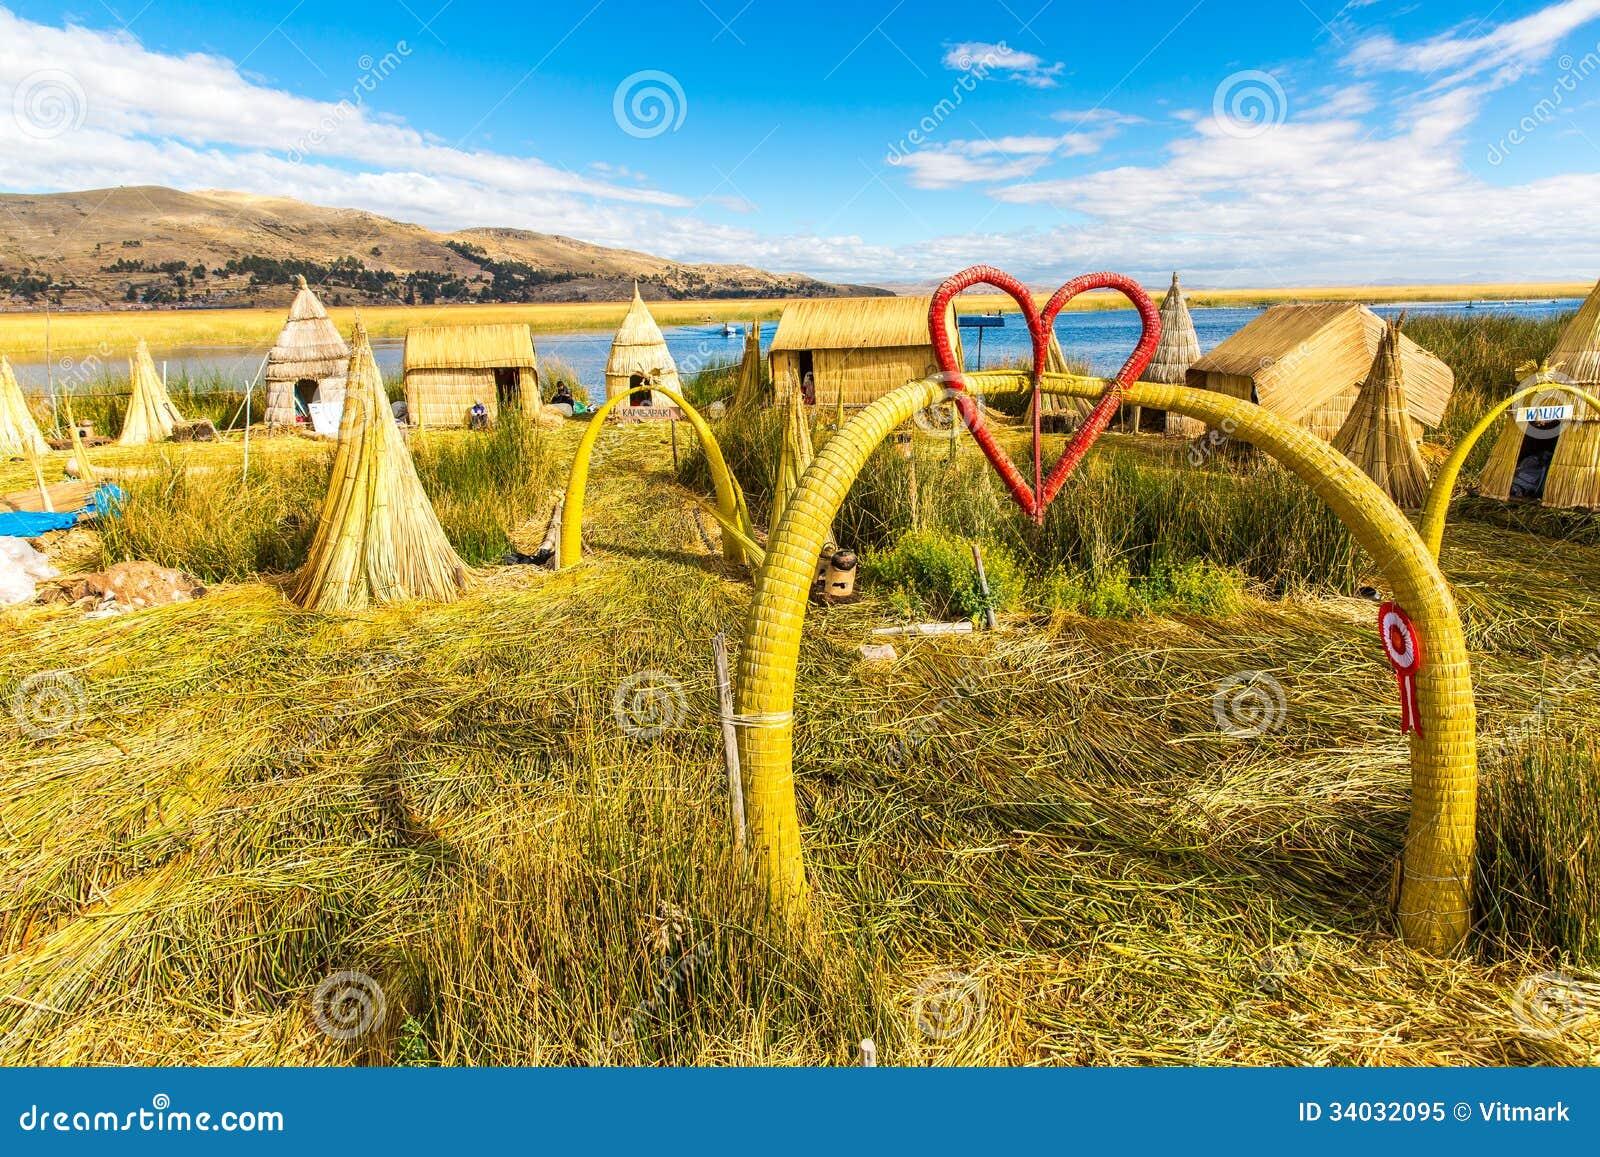 Les de flottement sur le lac titicaca puno p rou for Maison de l amerique du sud